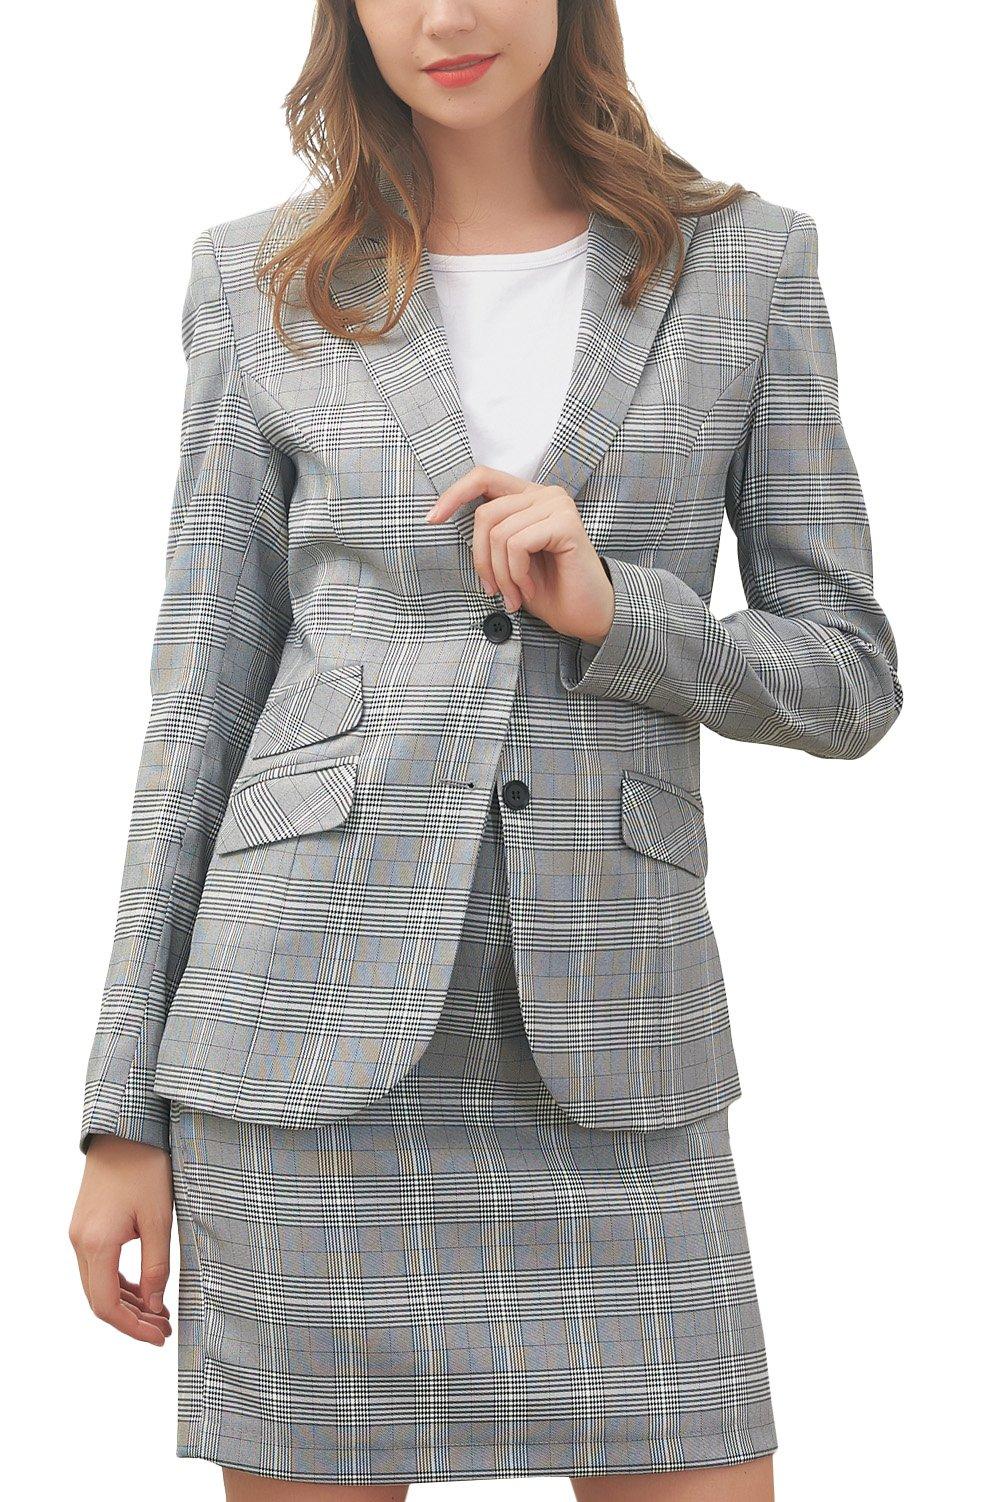 Hanayome Women's Suit Set Two Pieces Casual Tartan Blazer Slim Fit Short Dress MI5 (Grey, 18W)